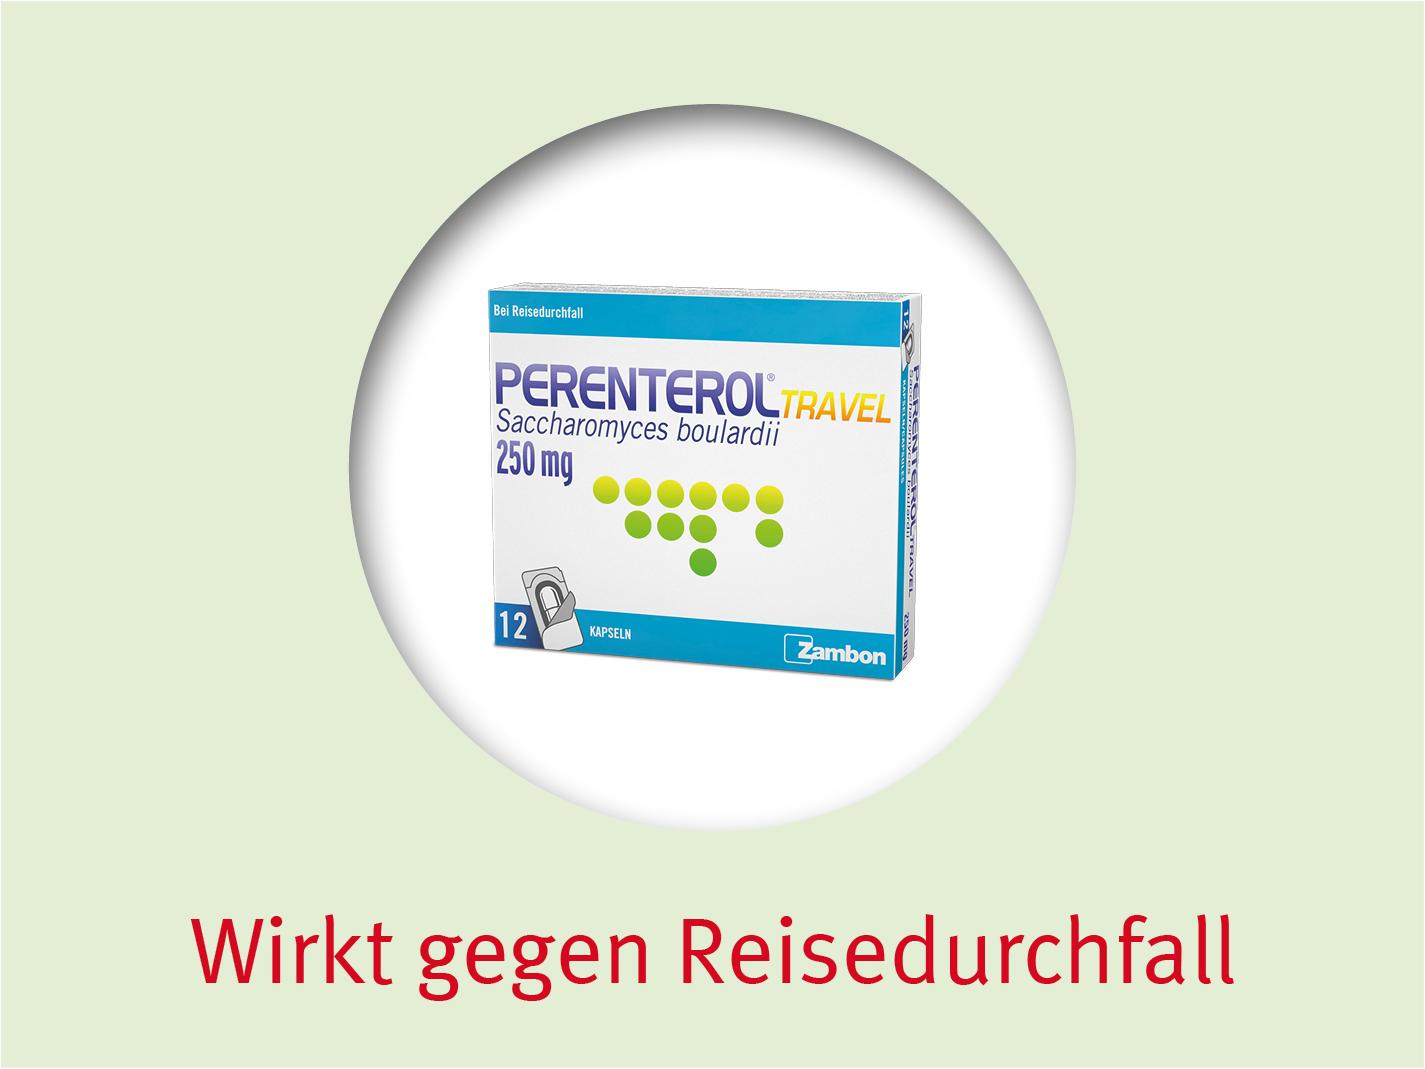 teaserbox_perenterol_travel_tp_homepage.jpg